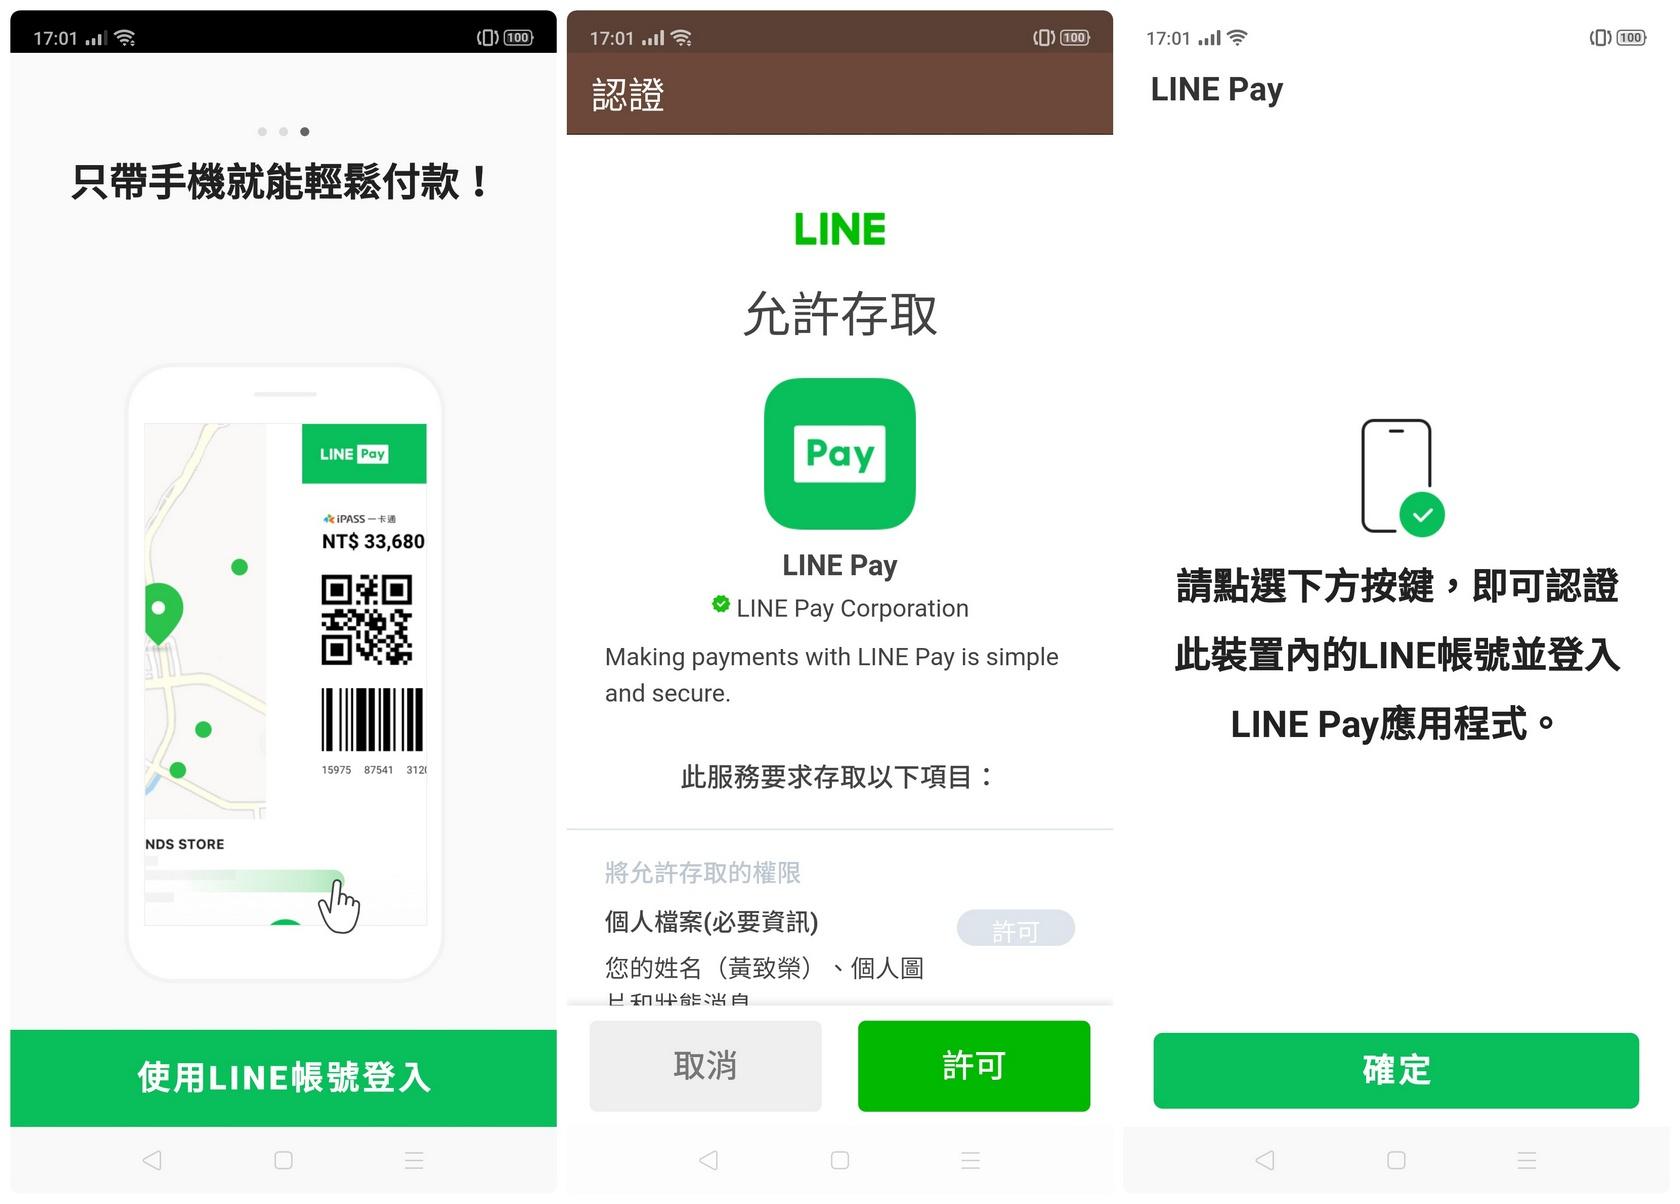 LINEPAY 獨立APP 安卓Android版本嘗鮮體驗